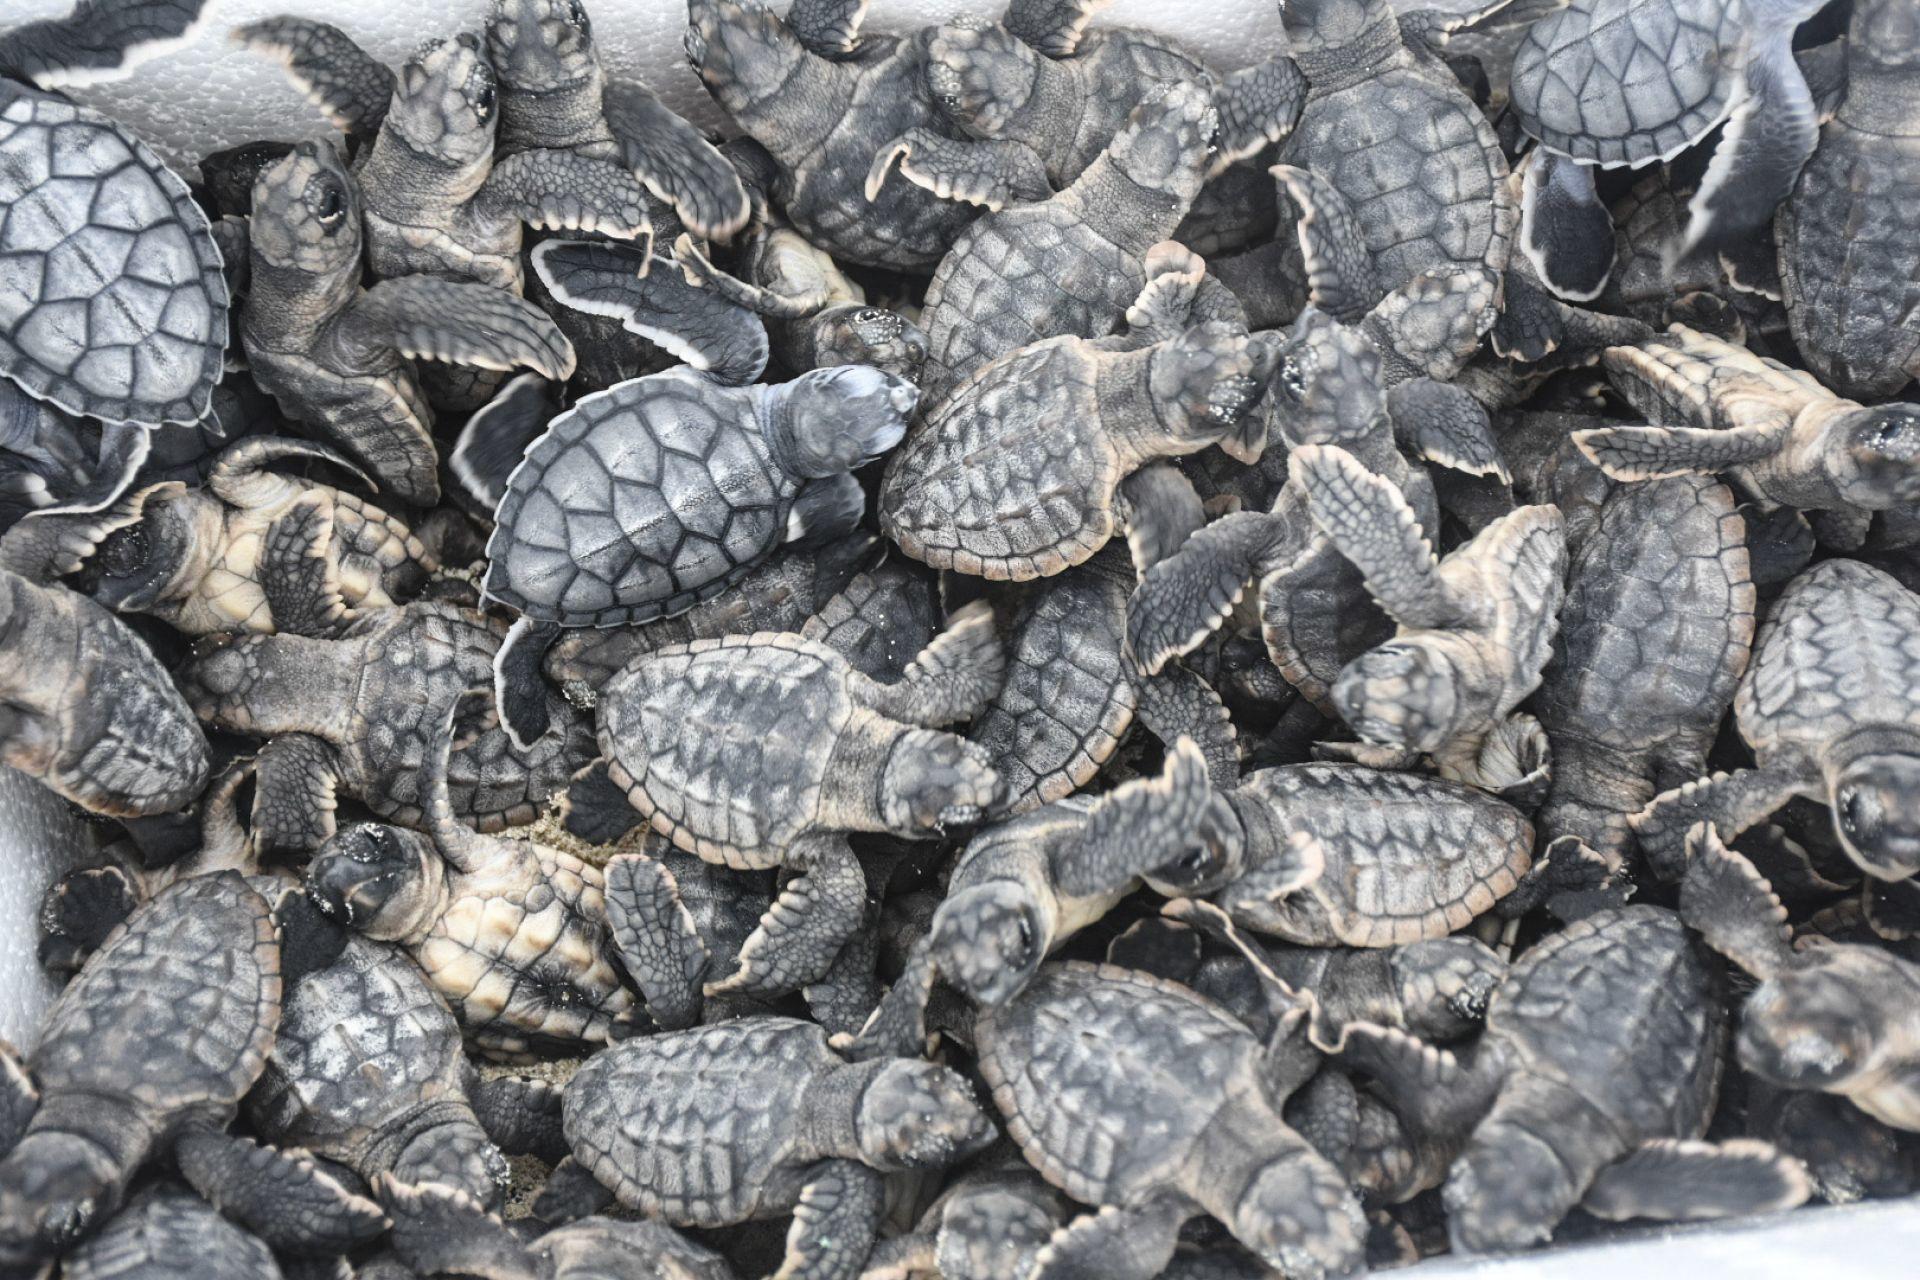 Murieron más de 5 mil tortugas rescatadas en el AICM; pretendían traficarlas a China